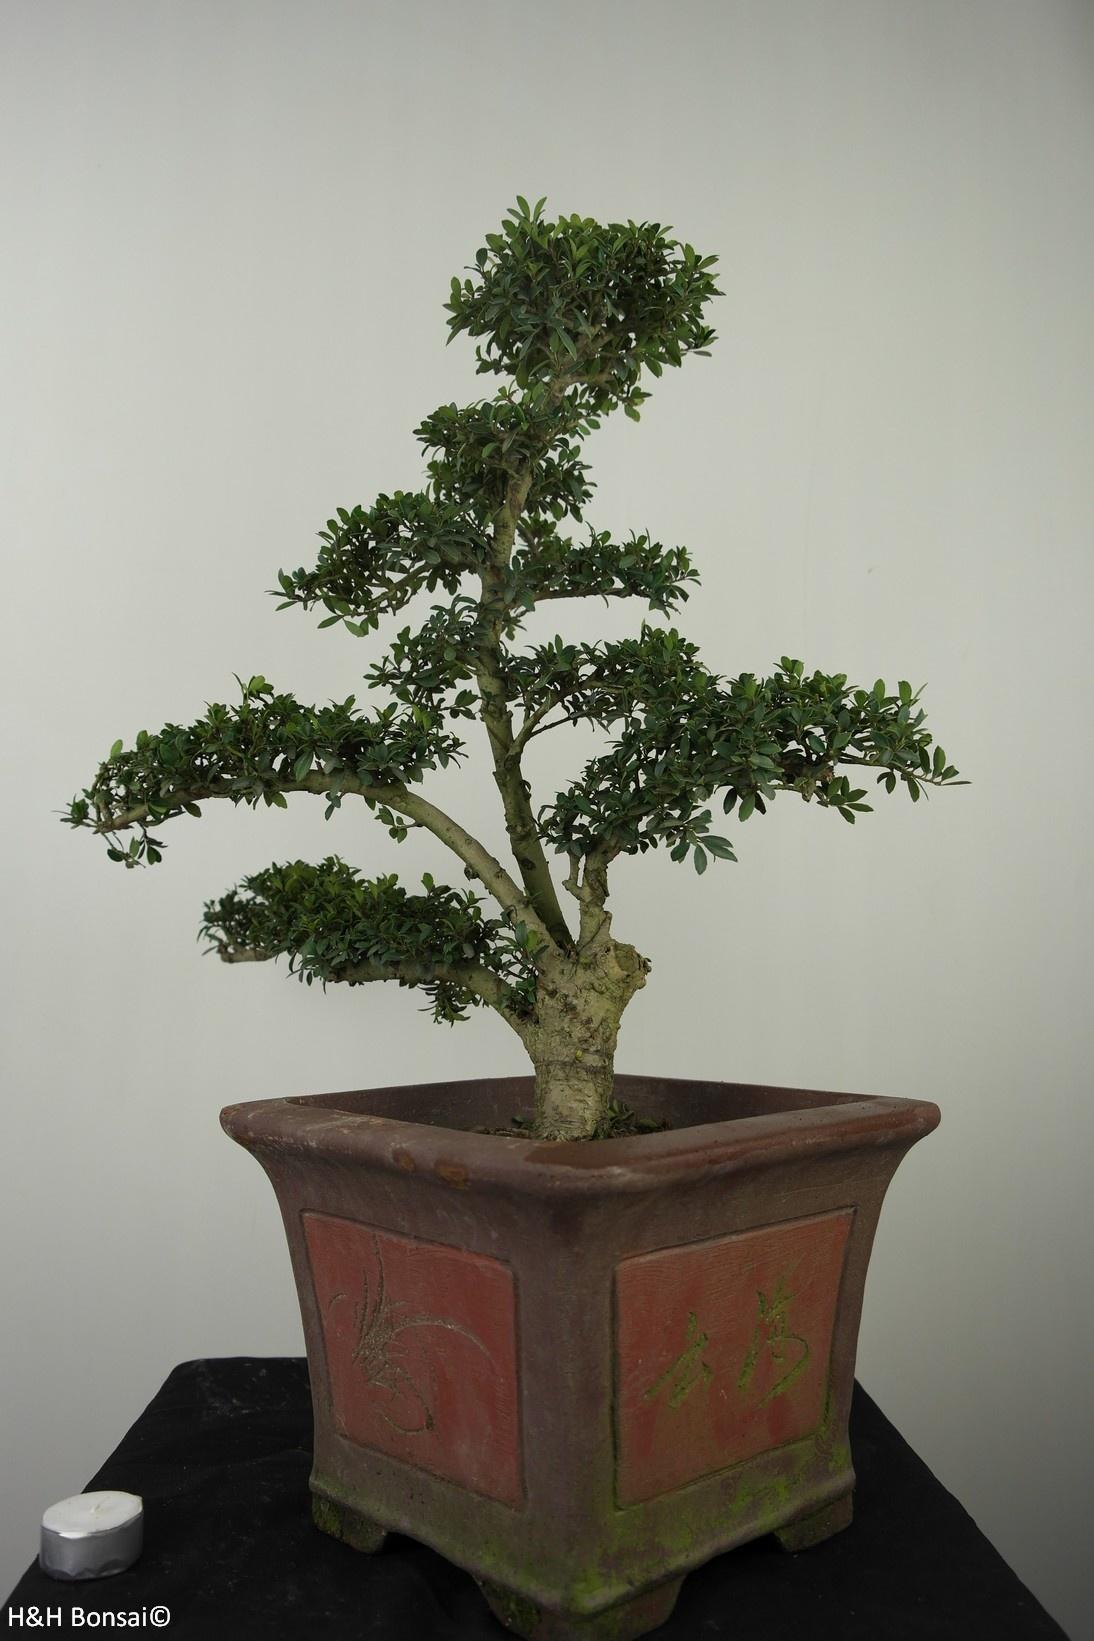 Bonsai Ilexcrenata, Japanse hulst, nr. 7747